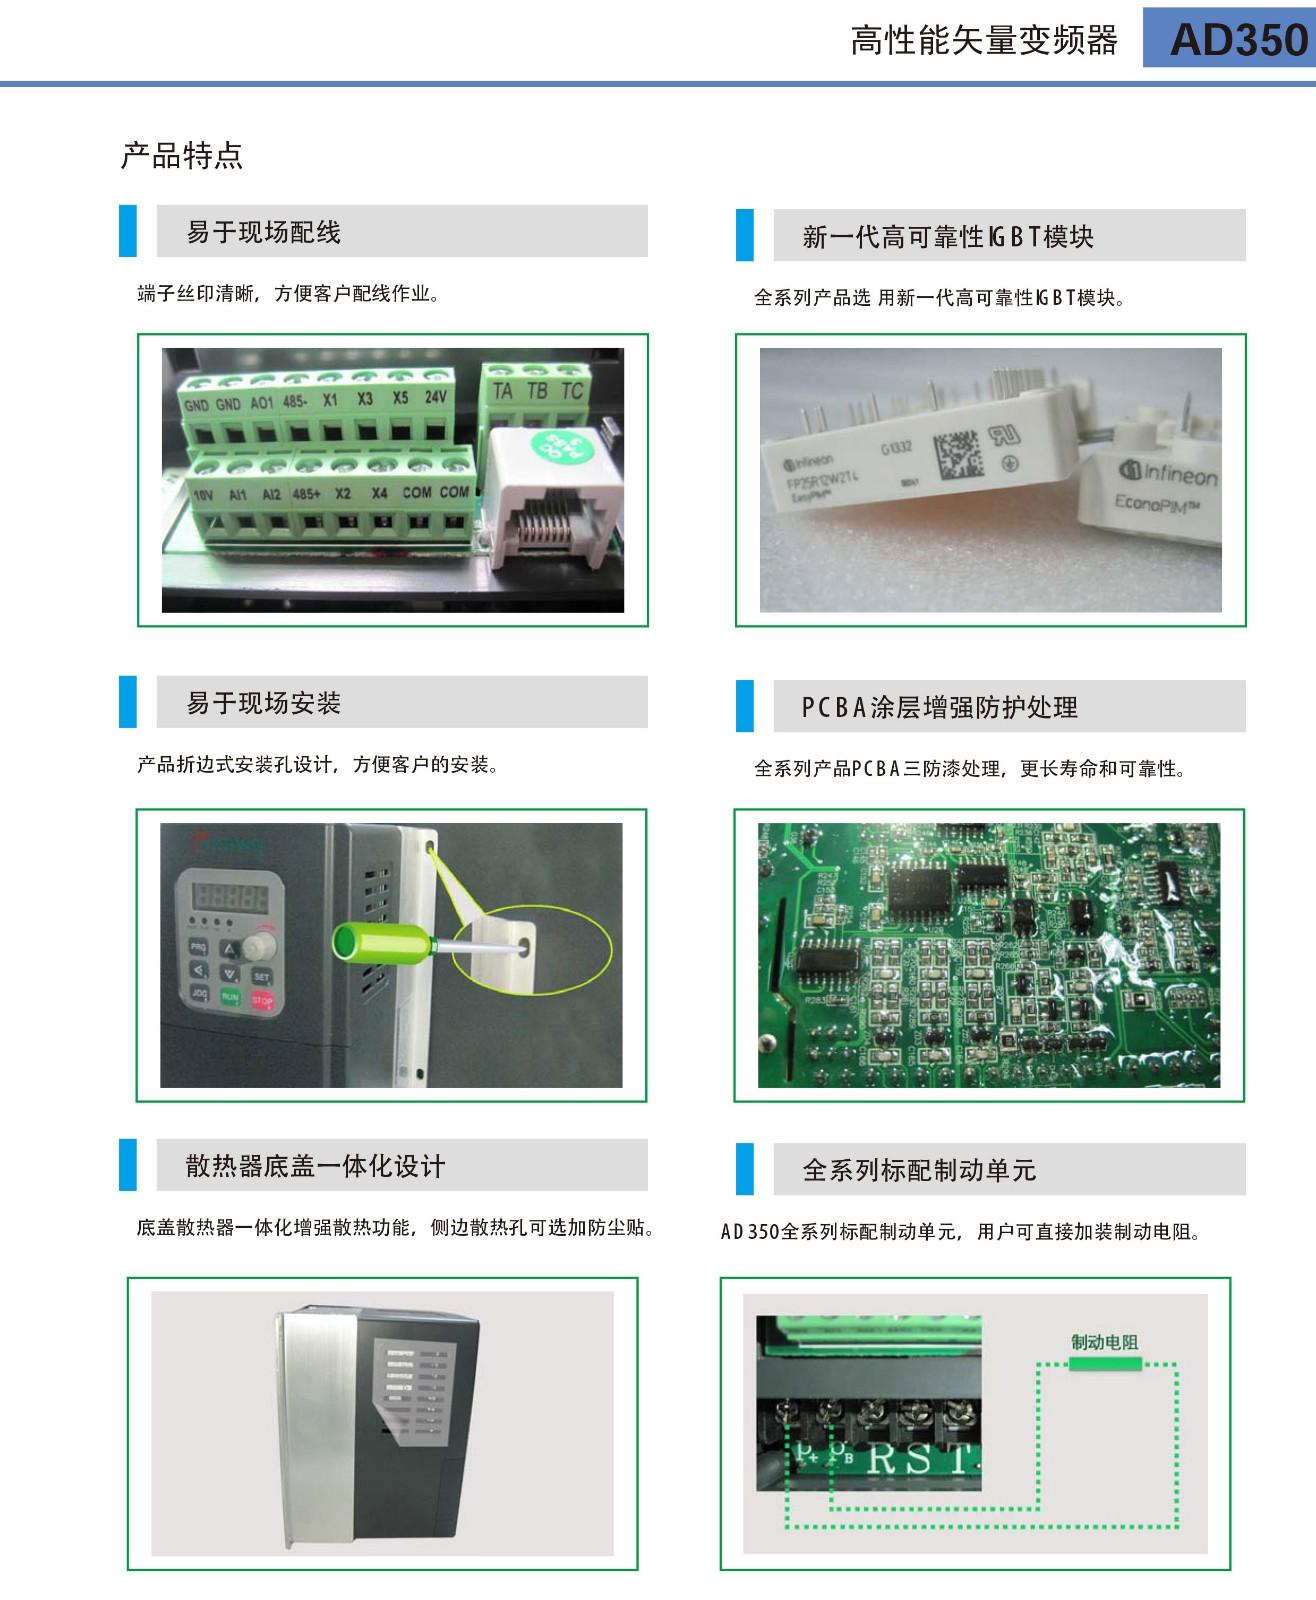 高性能矢量变频器AD350.jpg